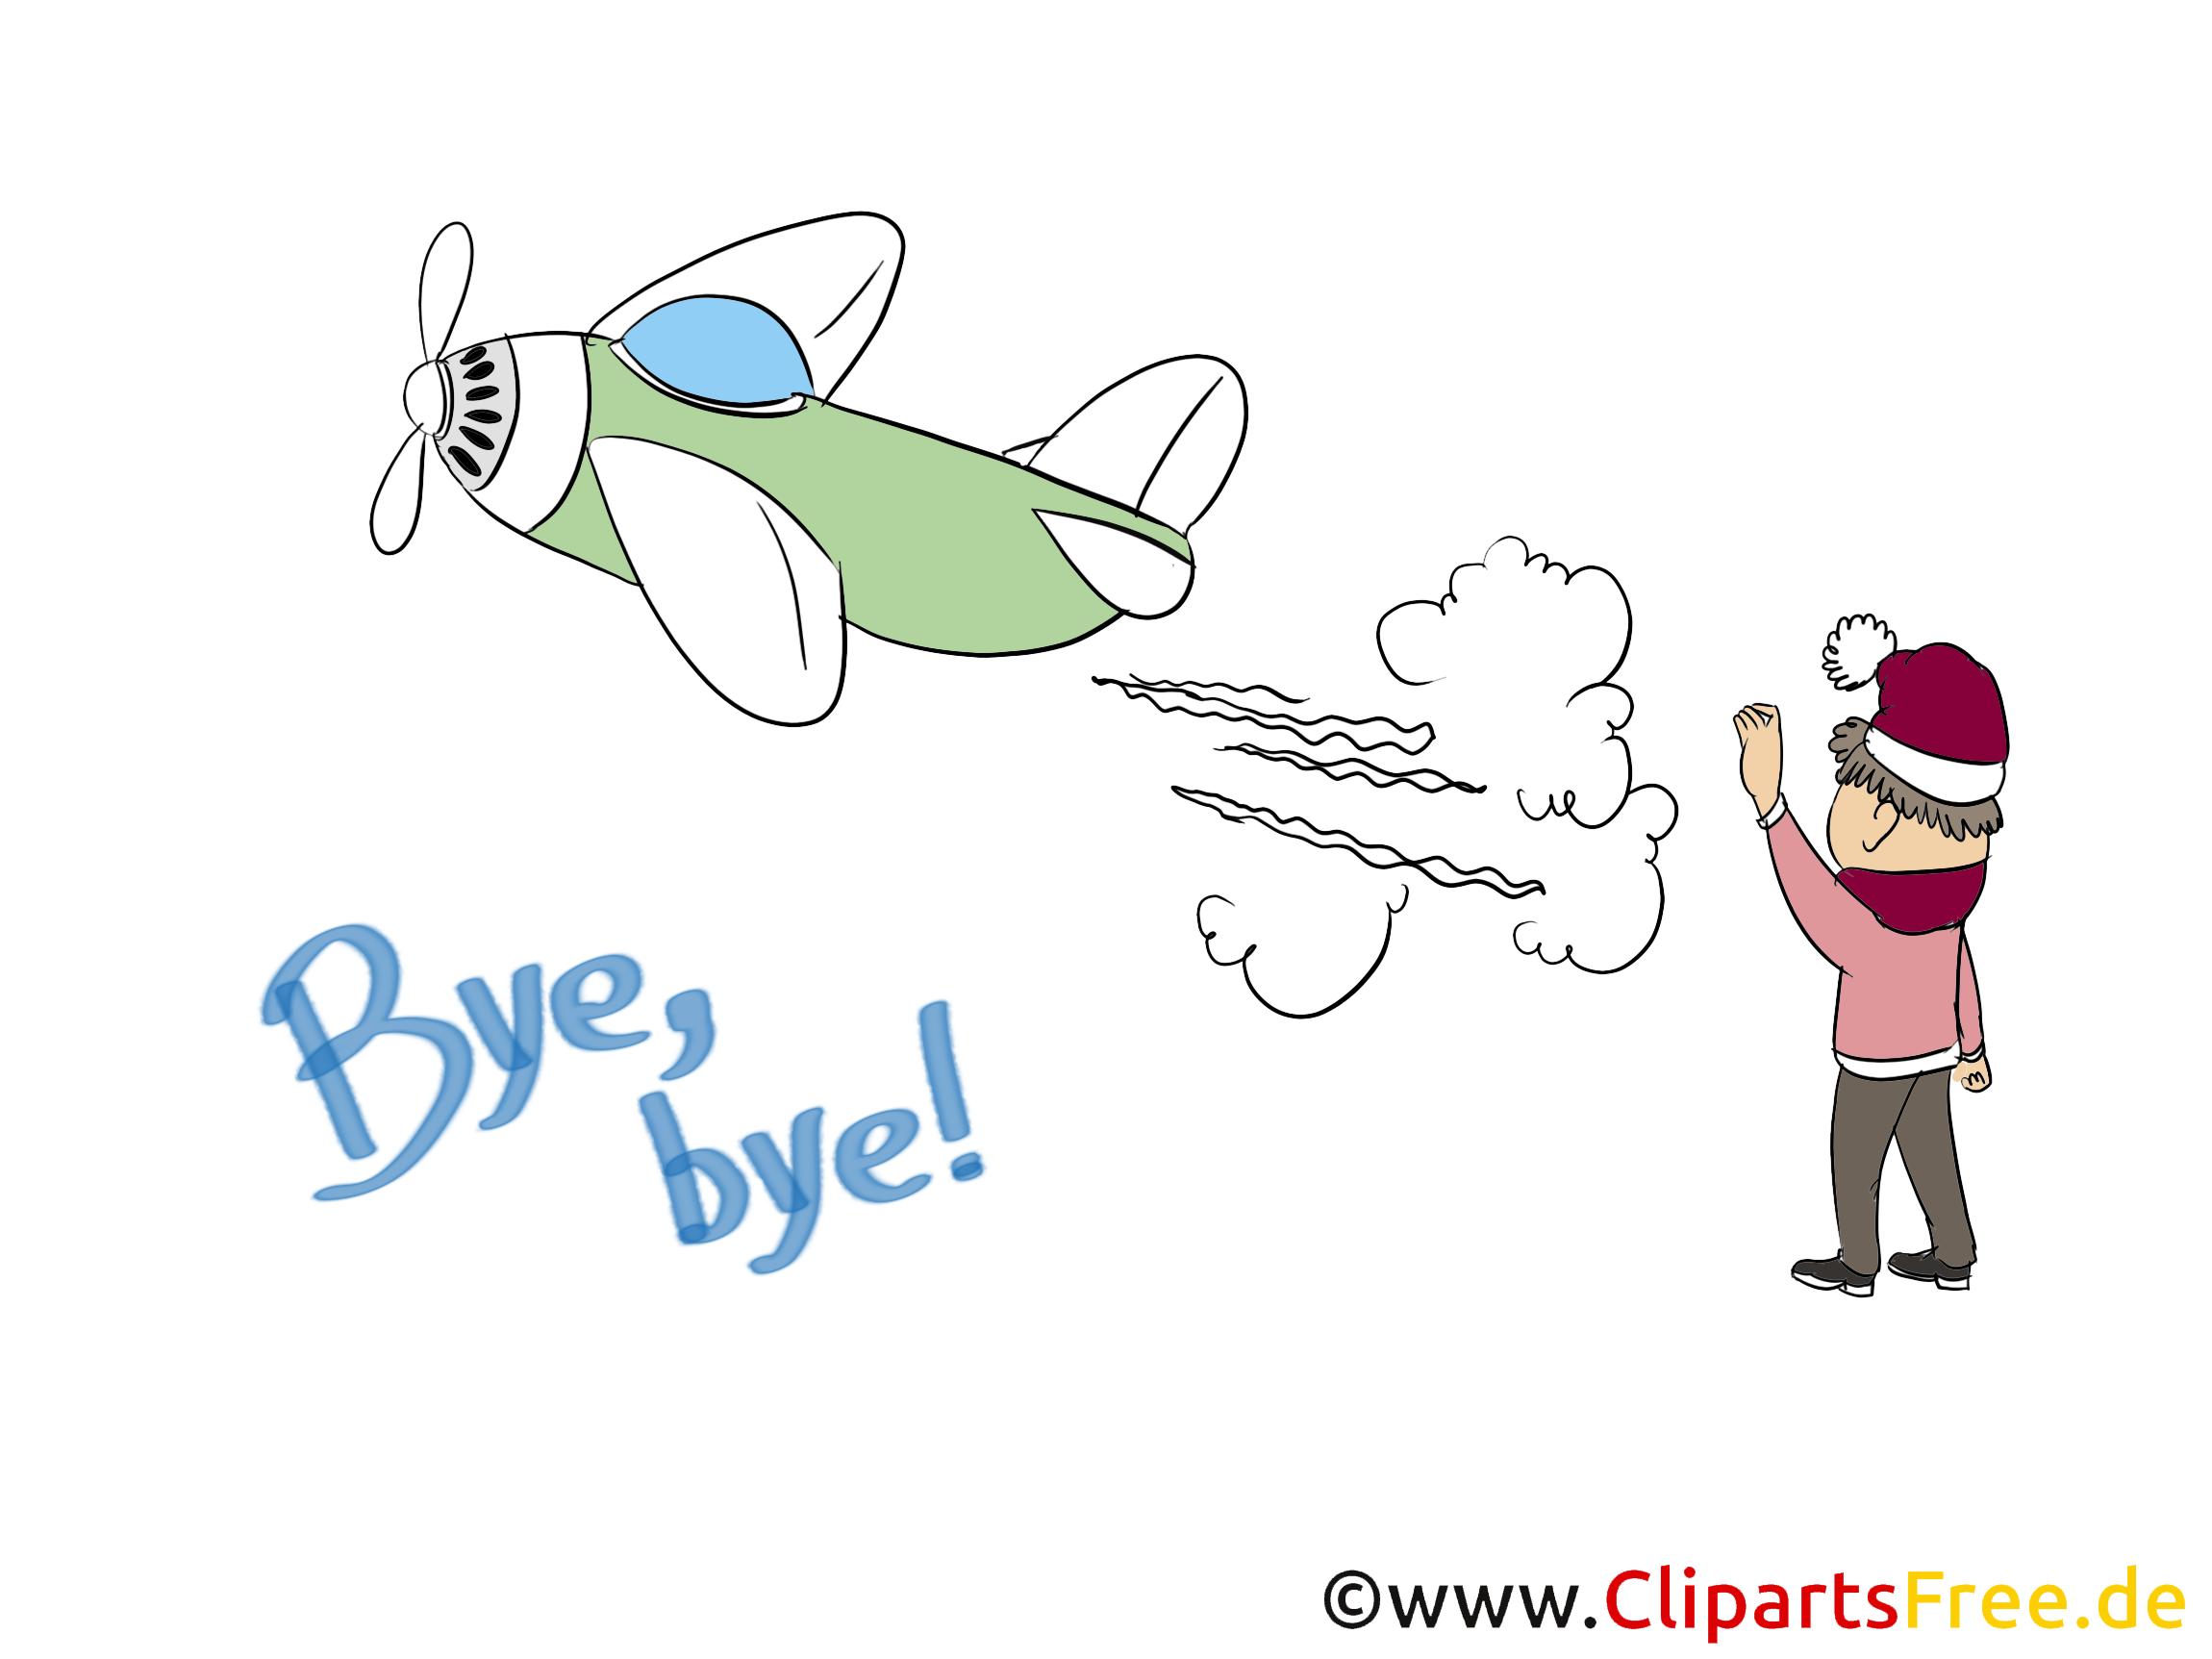 Abschied Clipart - Lizenzfrei - GoGraph